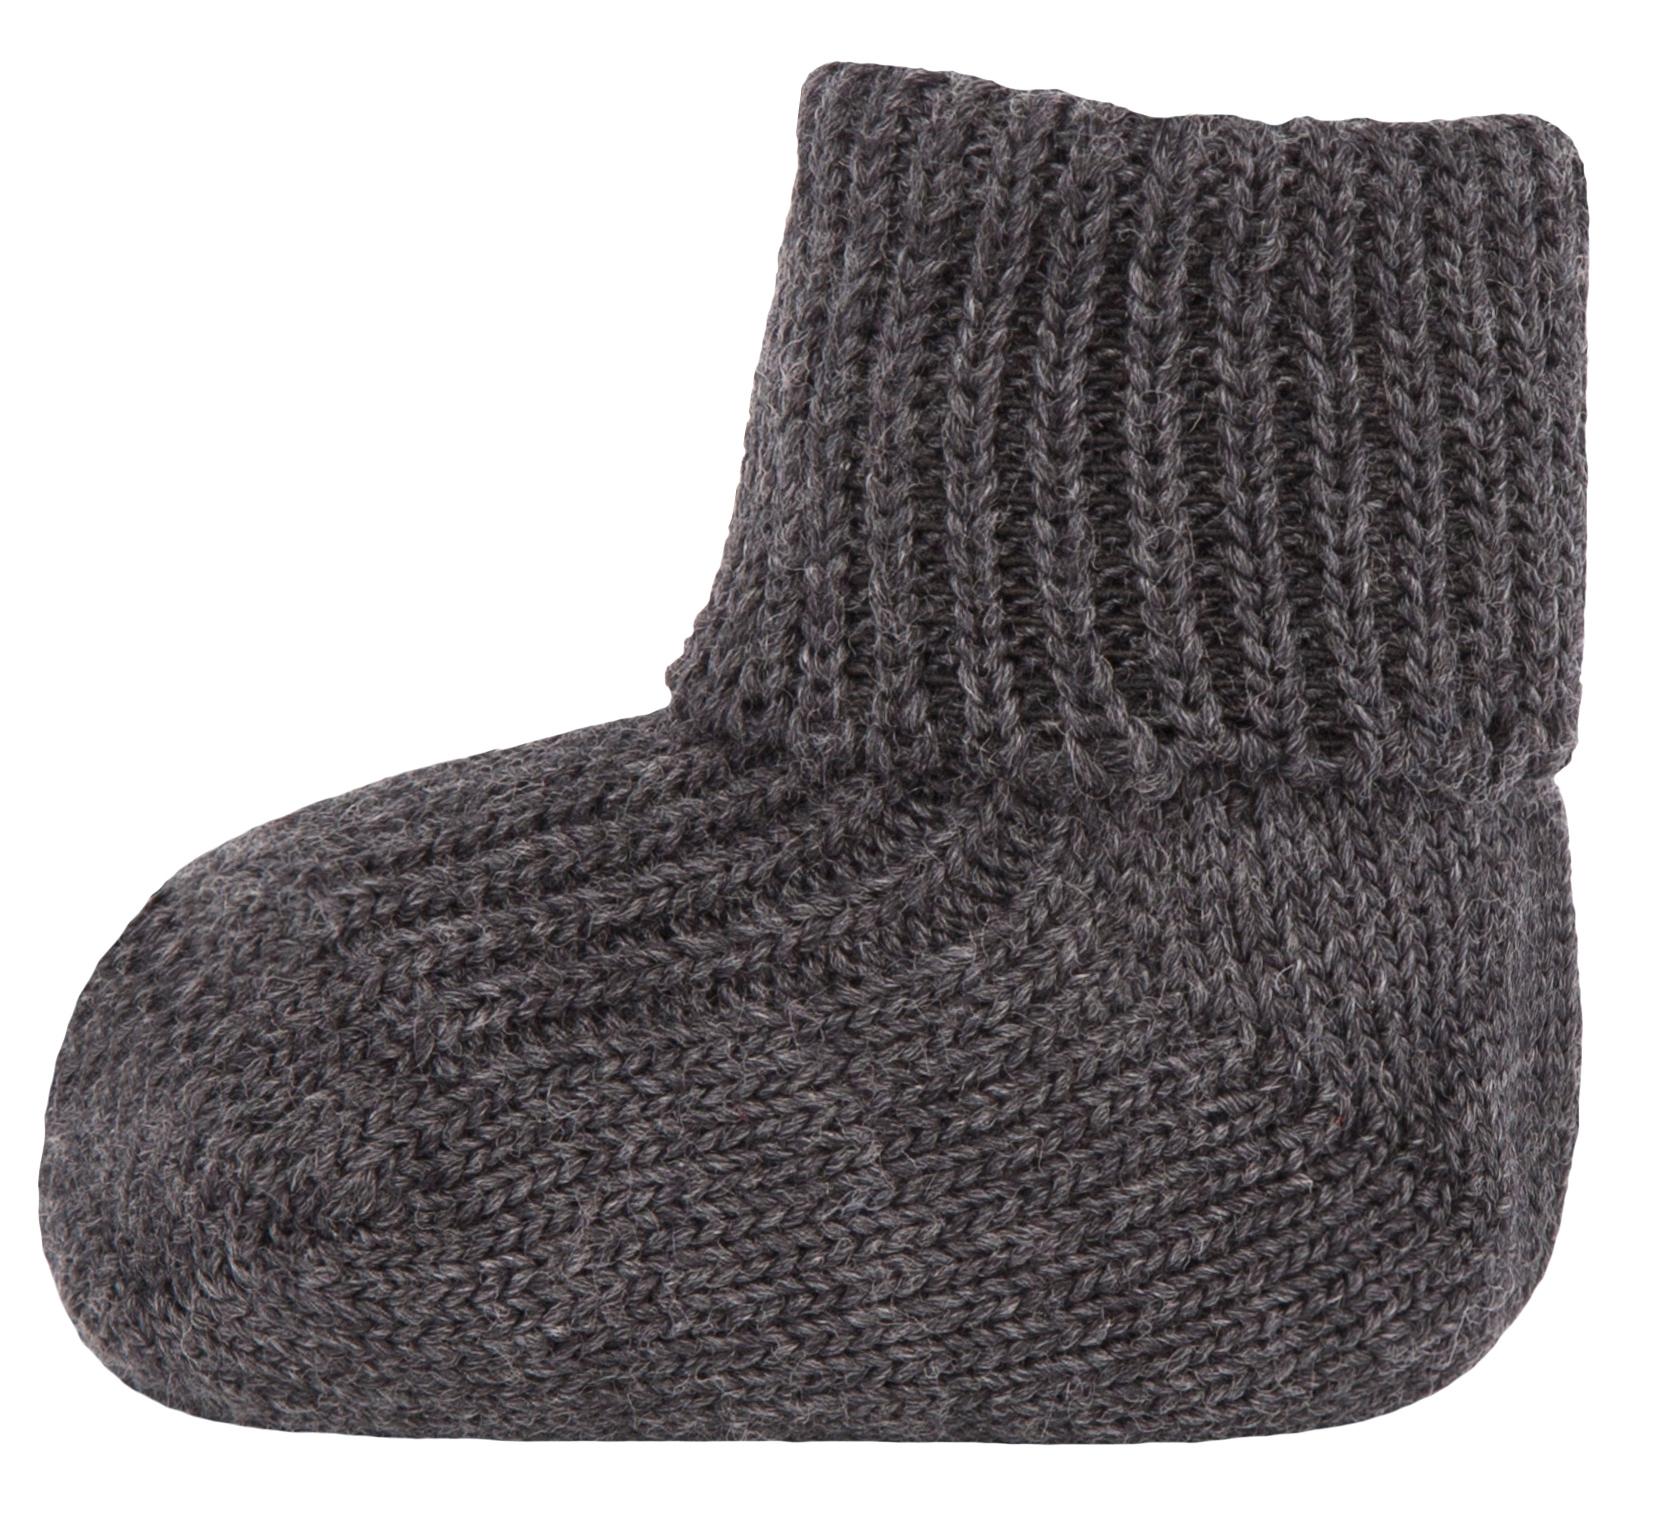 Sonderpreis für Original Kauf klassische Schuhe Ewers Wollsocken für Babies und Kinder Anthrazit